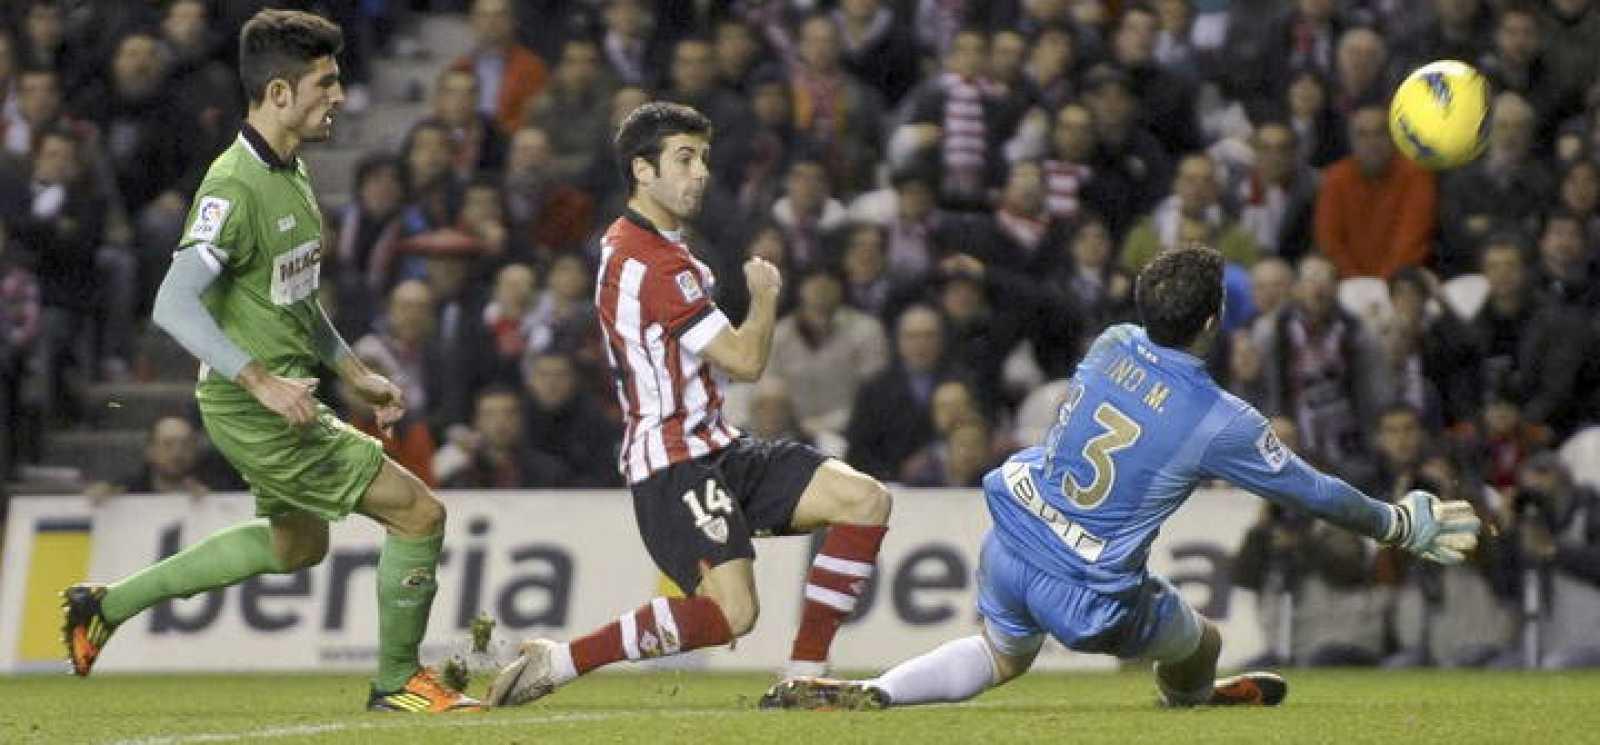 Markel Susaeta (c) intenta batir al portero del Racing de Santander Toño Martínez (d) durante el partido.